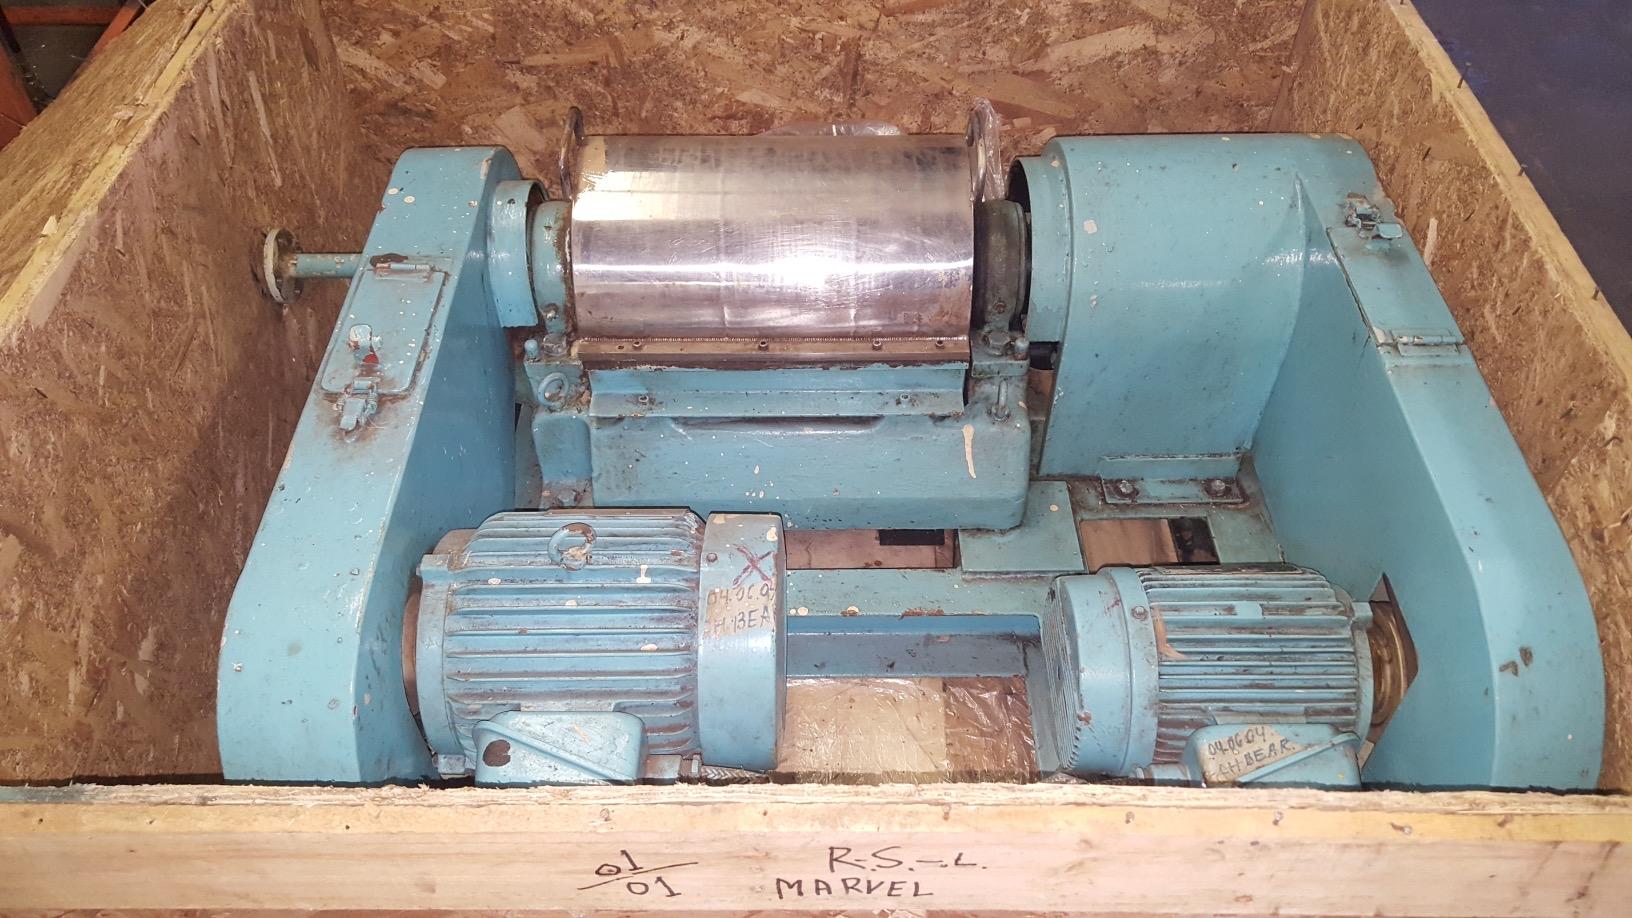 Sharples P-660 Decanter Centrifuge